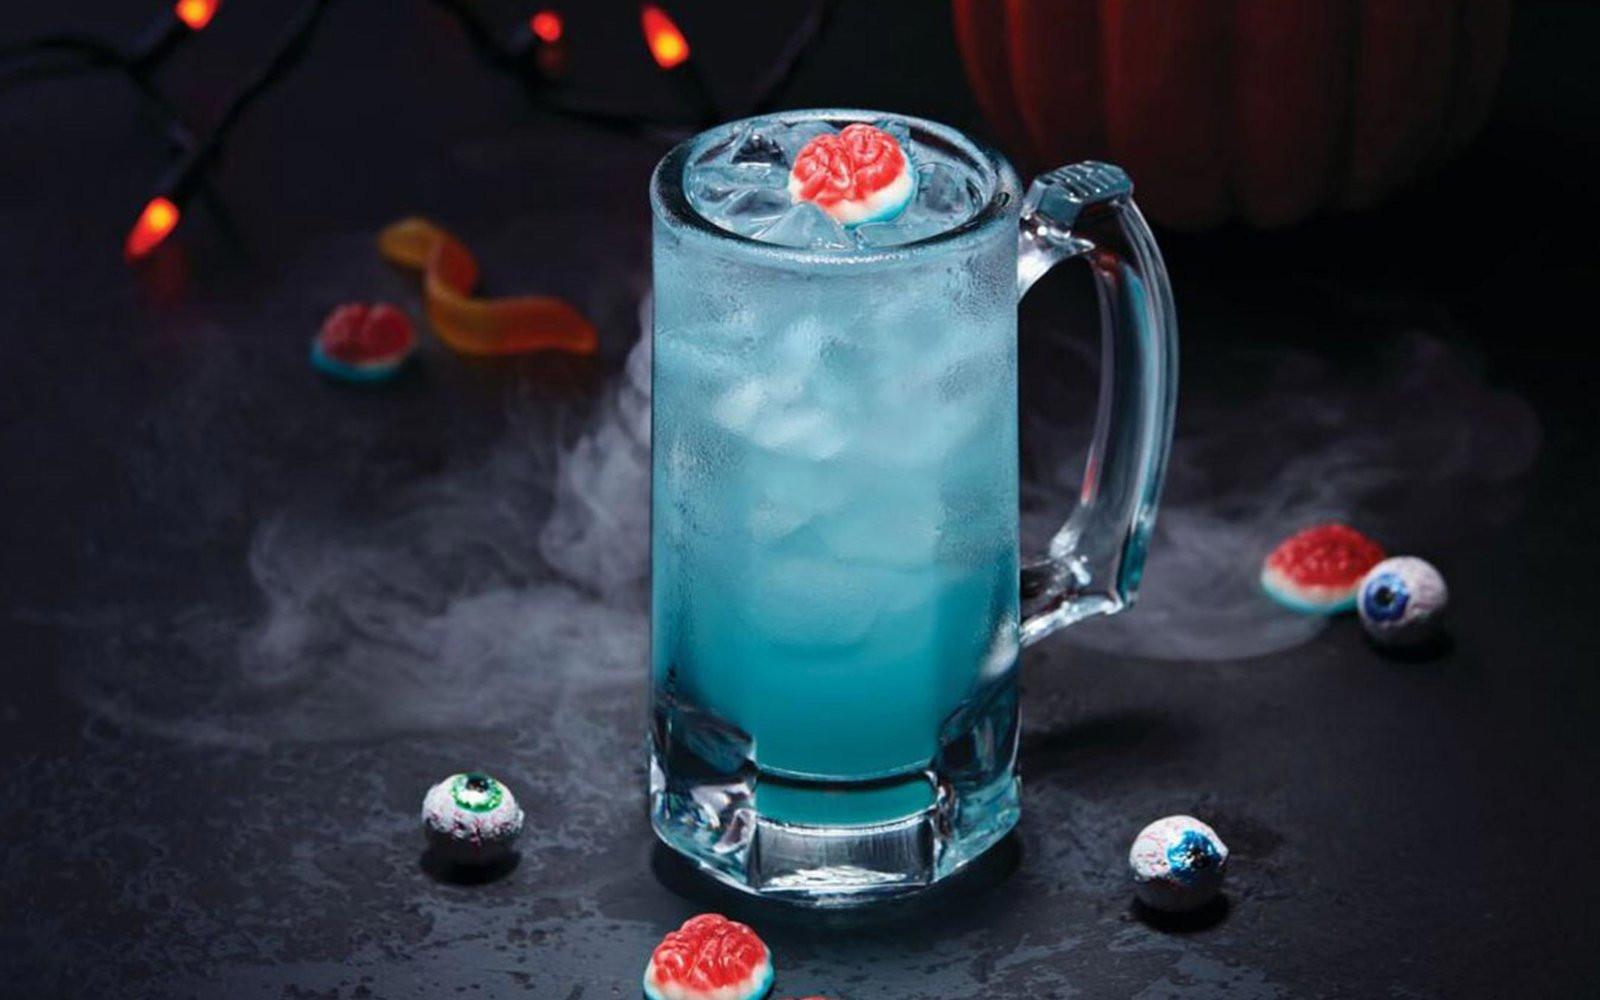 Applebees Halloween Drinks  Applebee s Is Celebrating Halloween With $1 Zombie